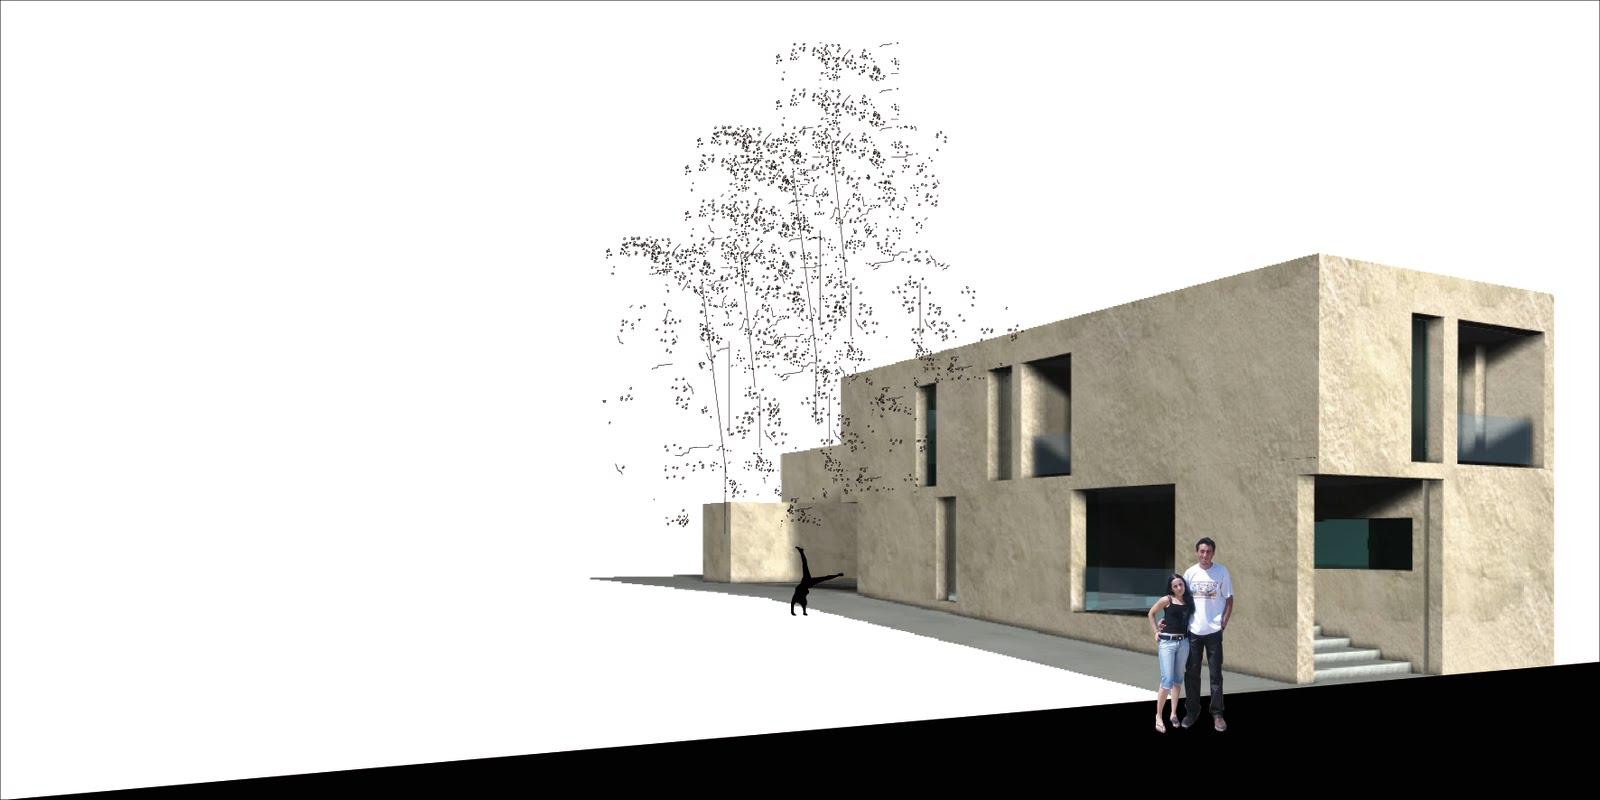 Dg arquitecto valencia julio 2011 - Trabajo arquitecto valencia ...